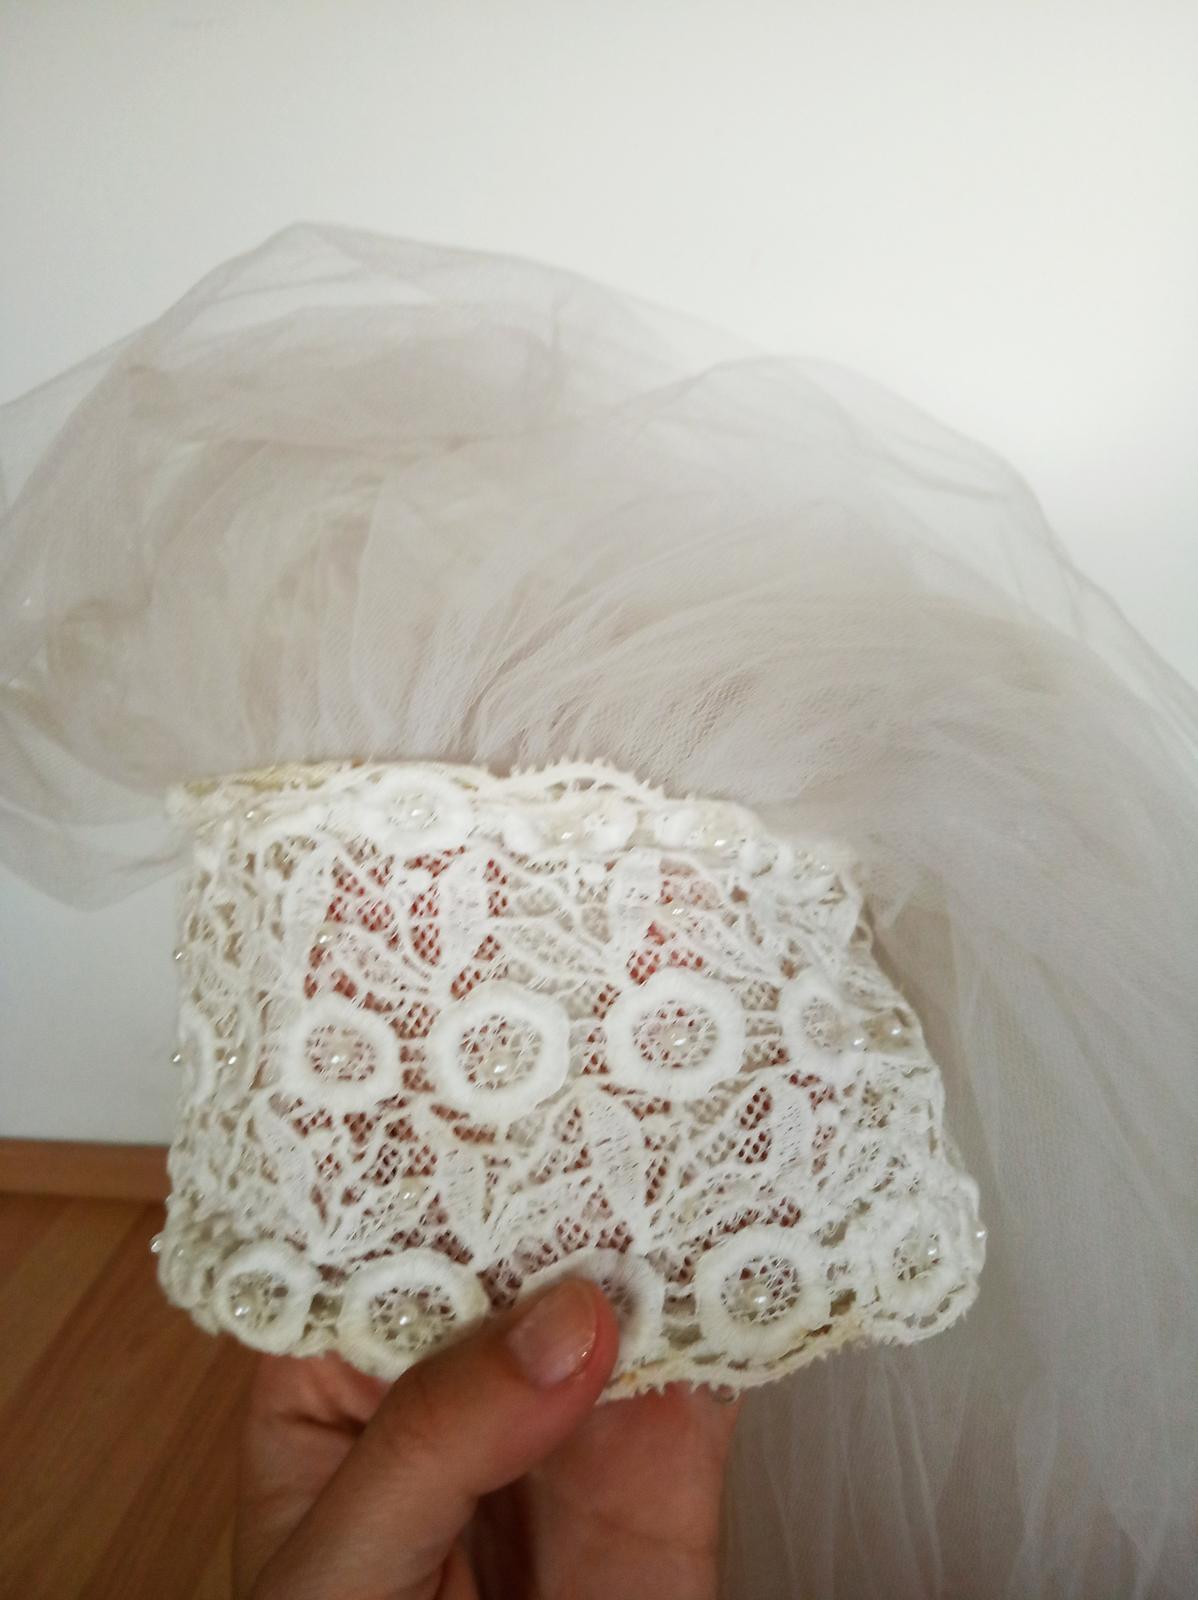 Závoj s celenkou s perlami - Obrázek č. 2